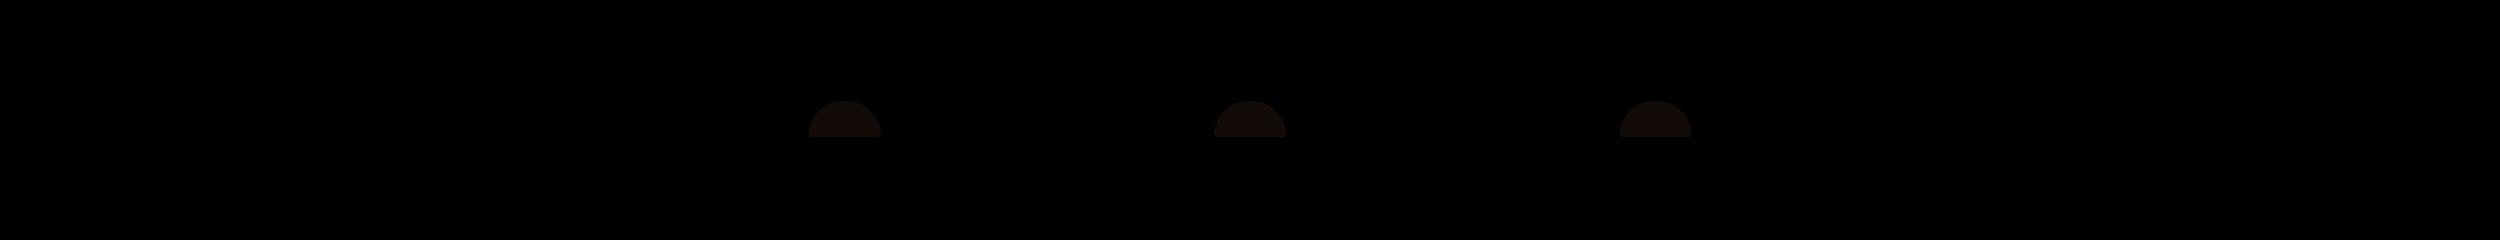 half dot row-01.png